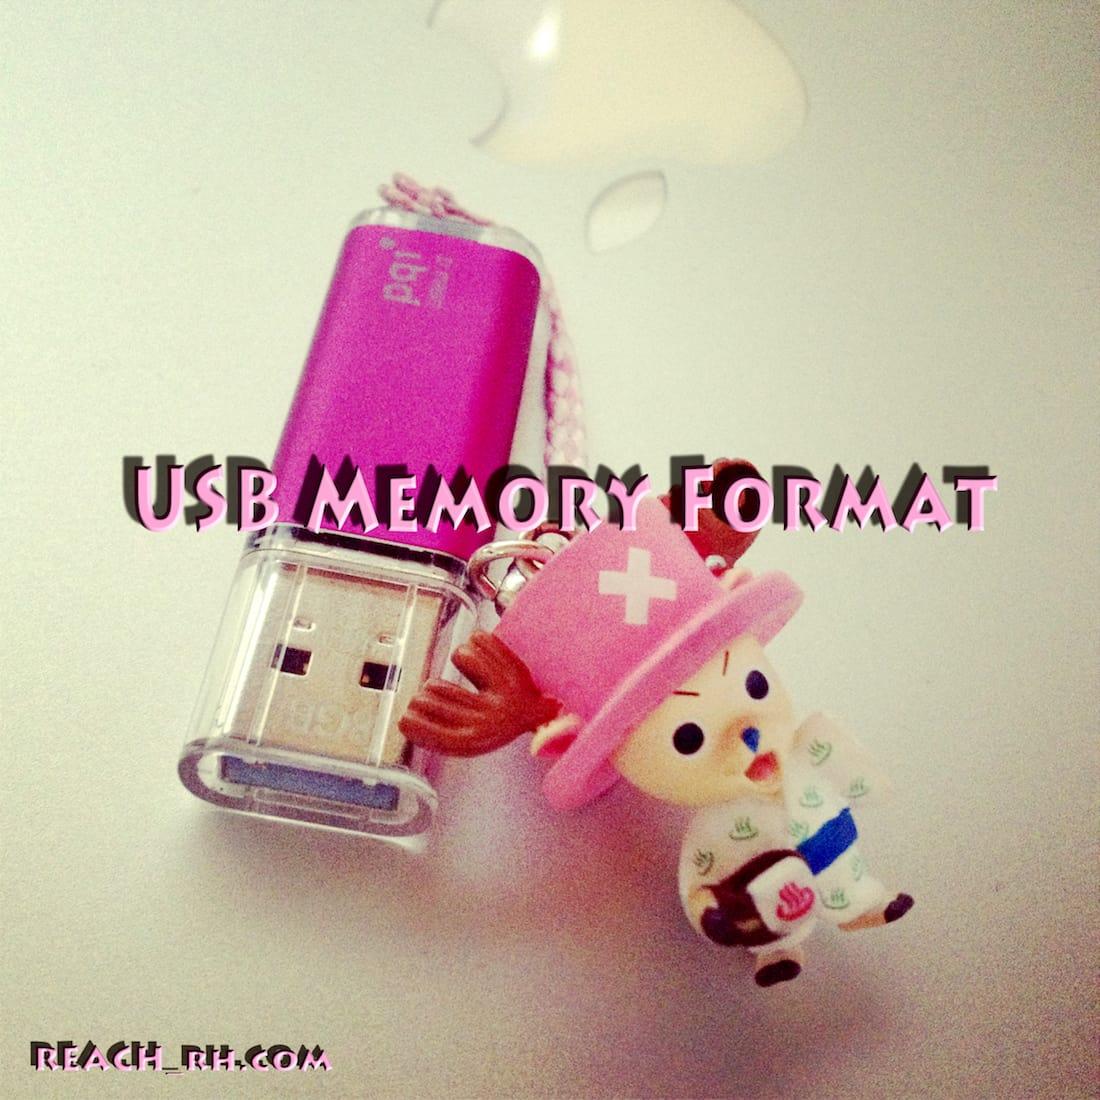 USBメモリフォーマット